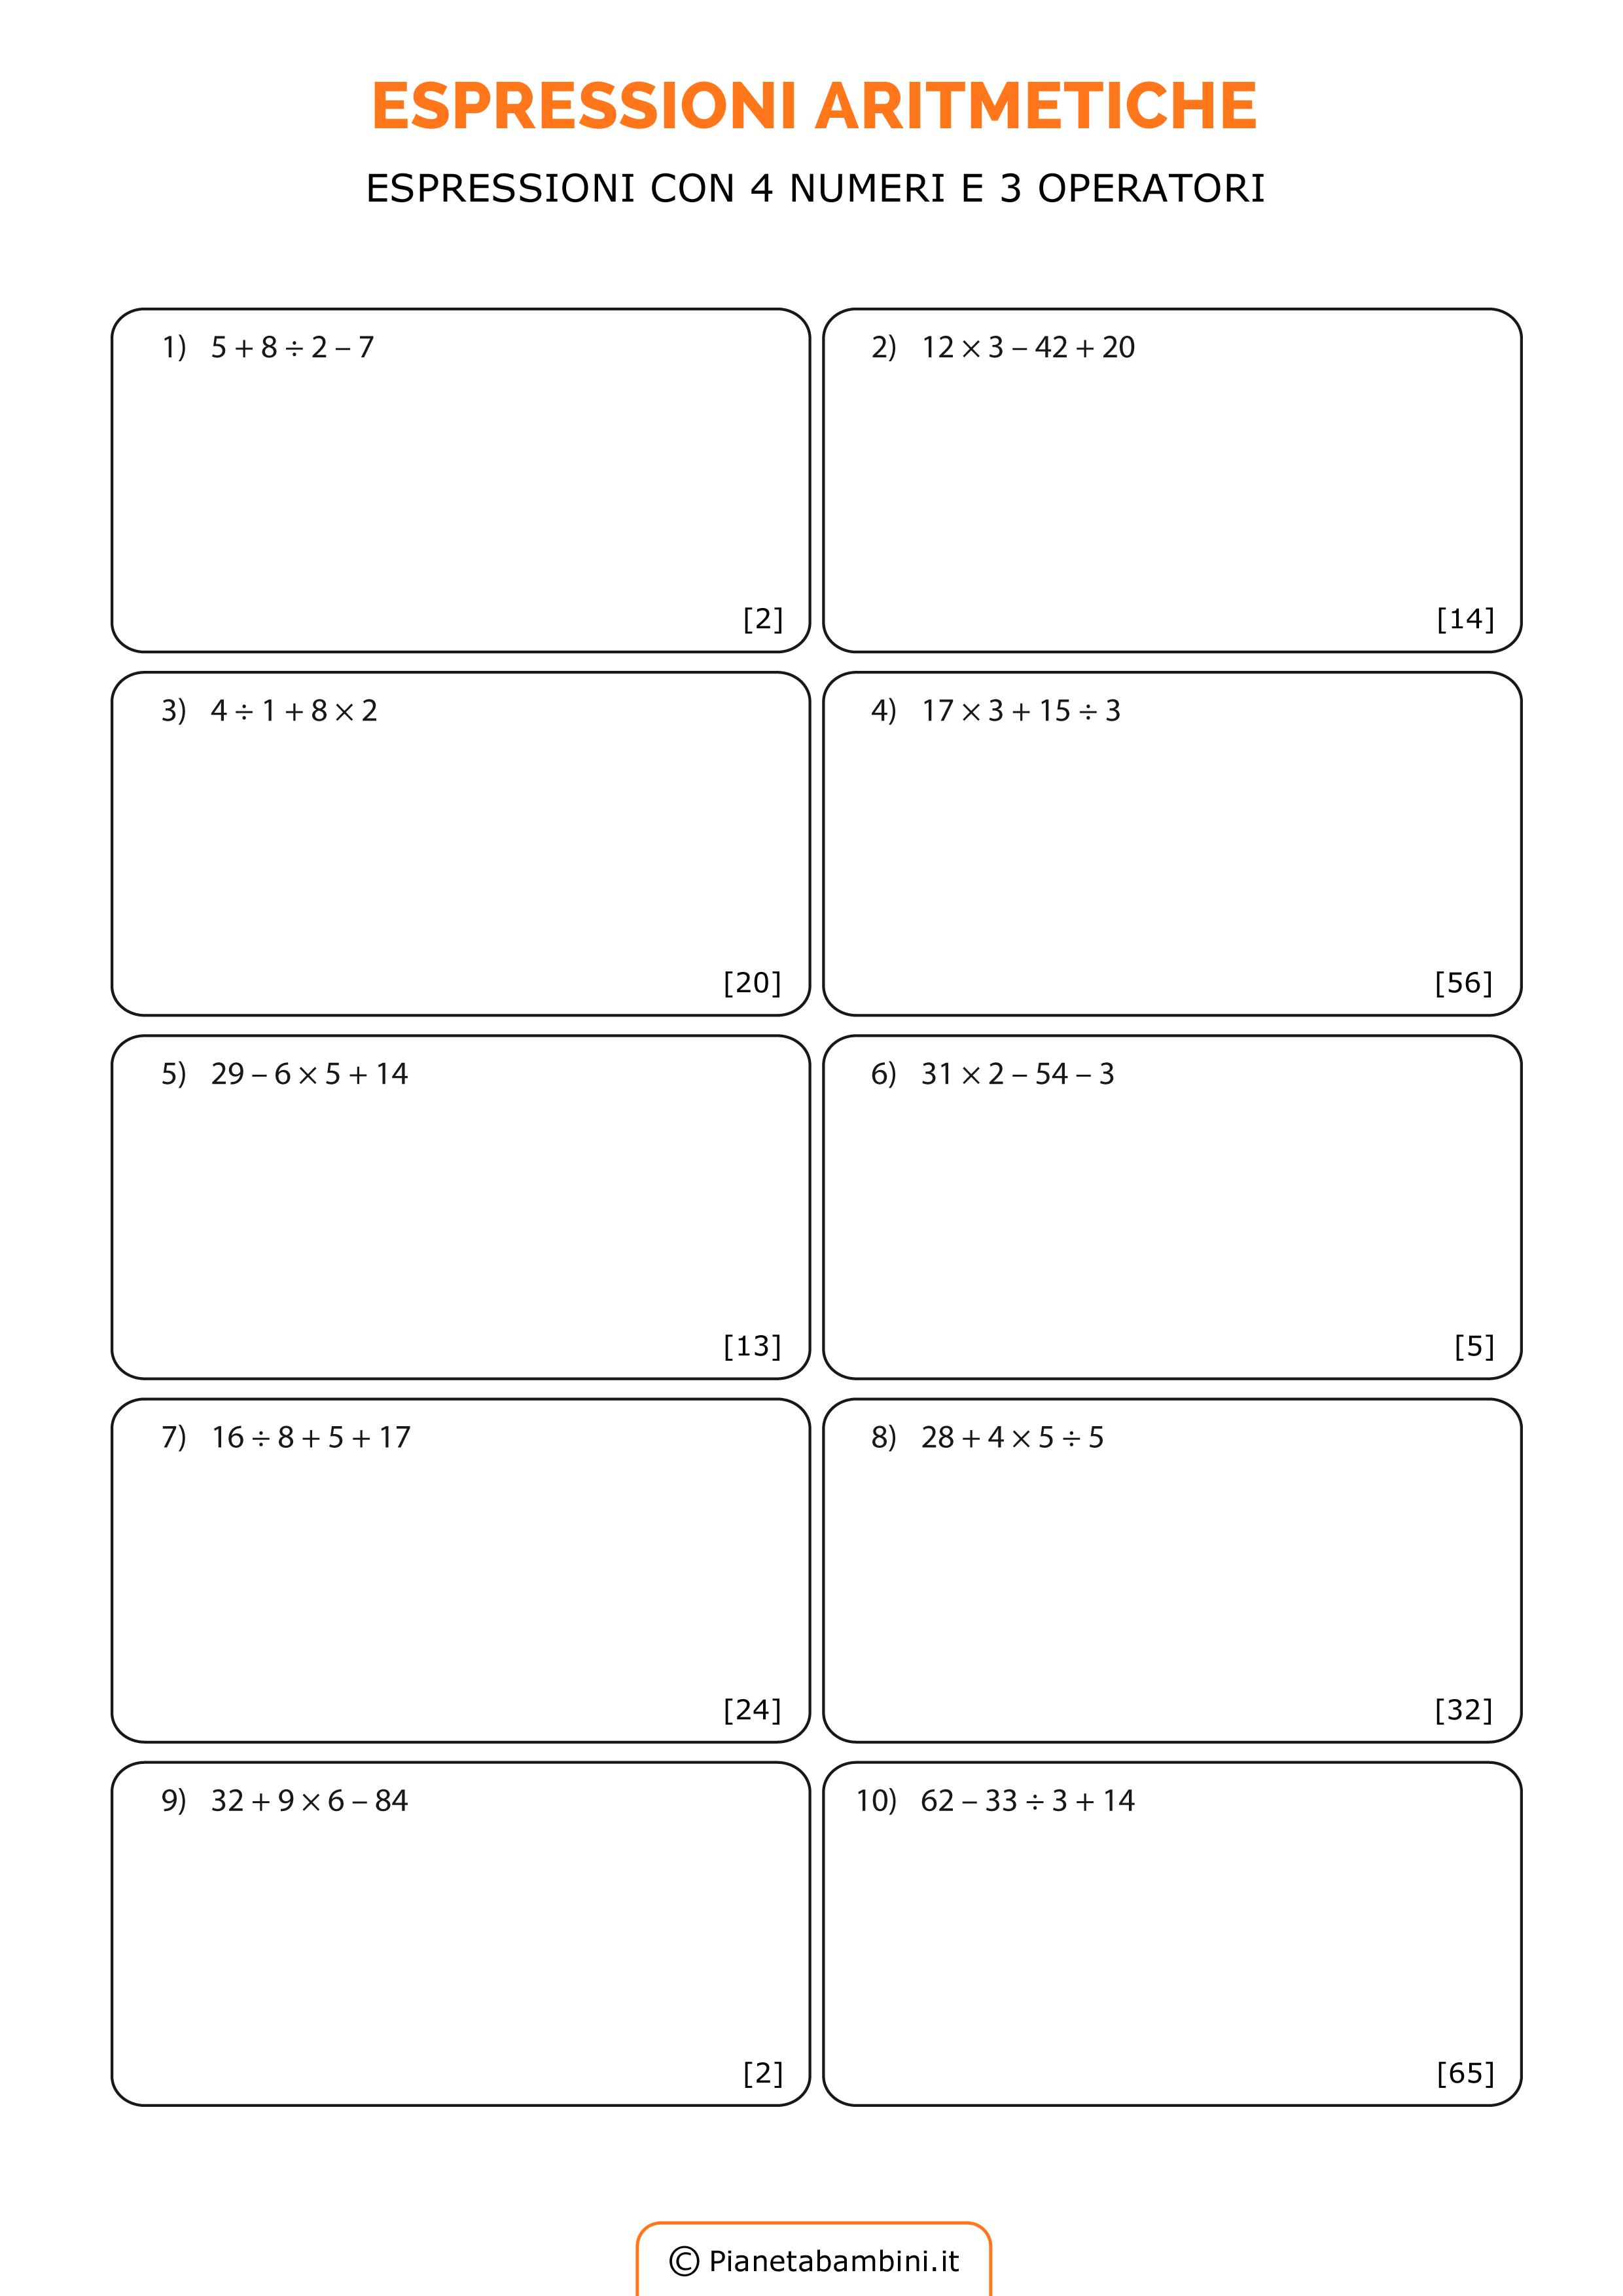 Esercizi-Espressioni-4-Numeri-3-Operatori_1